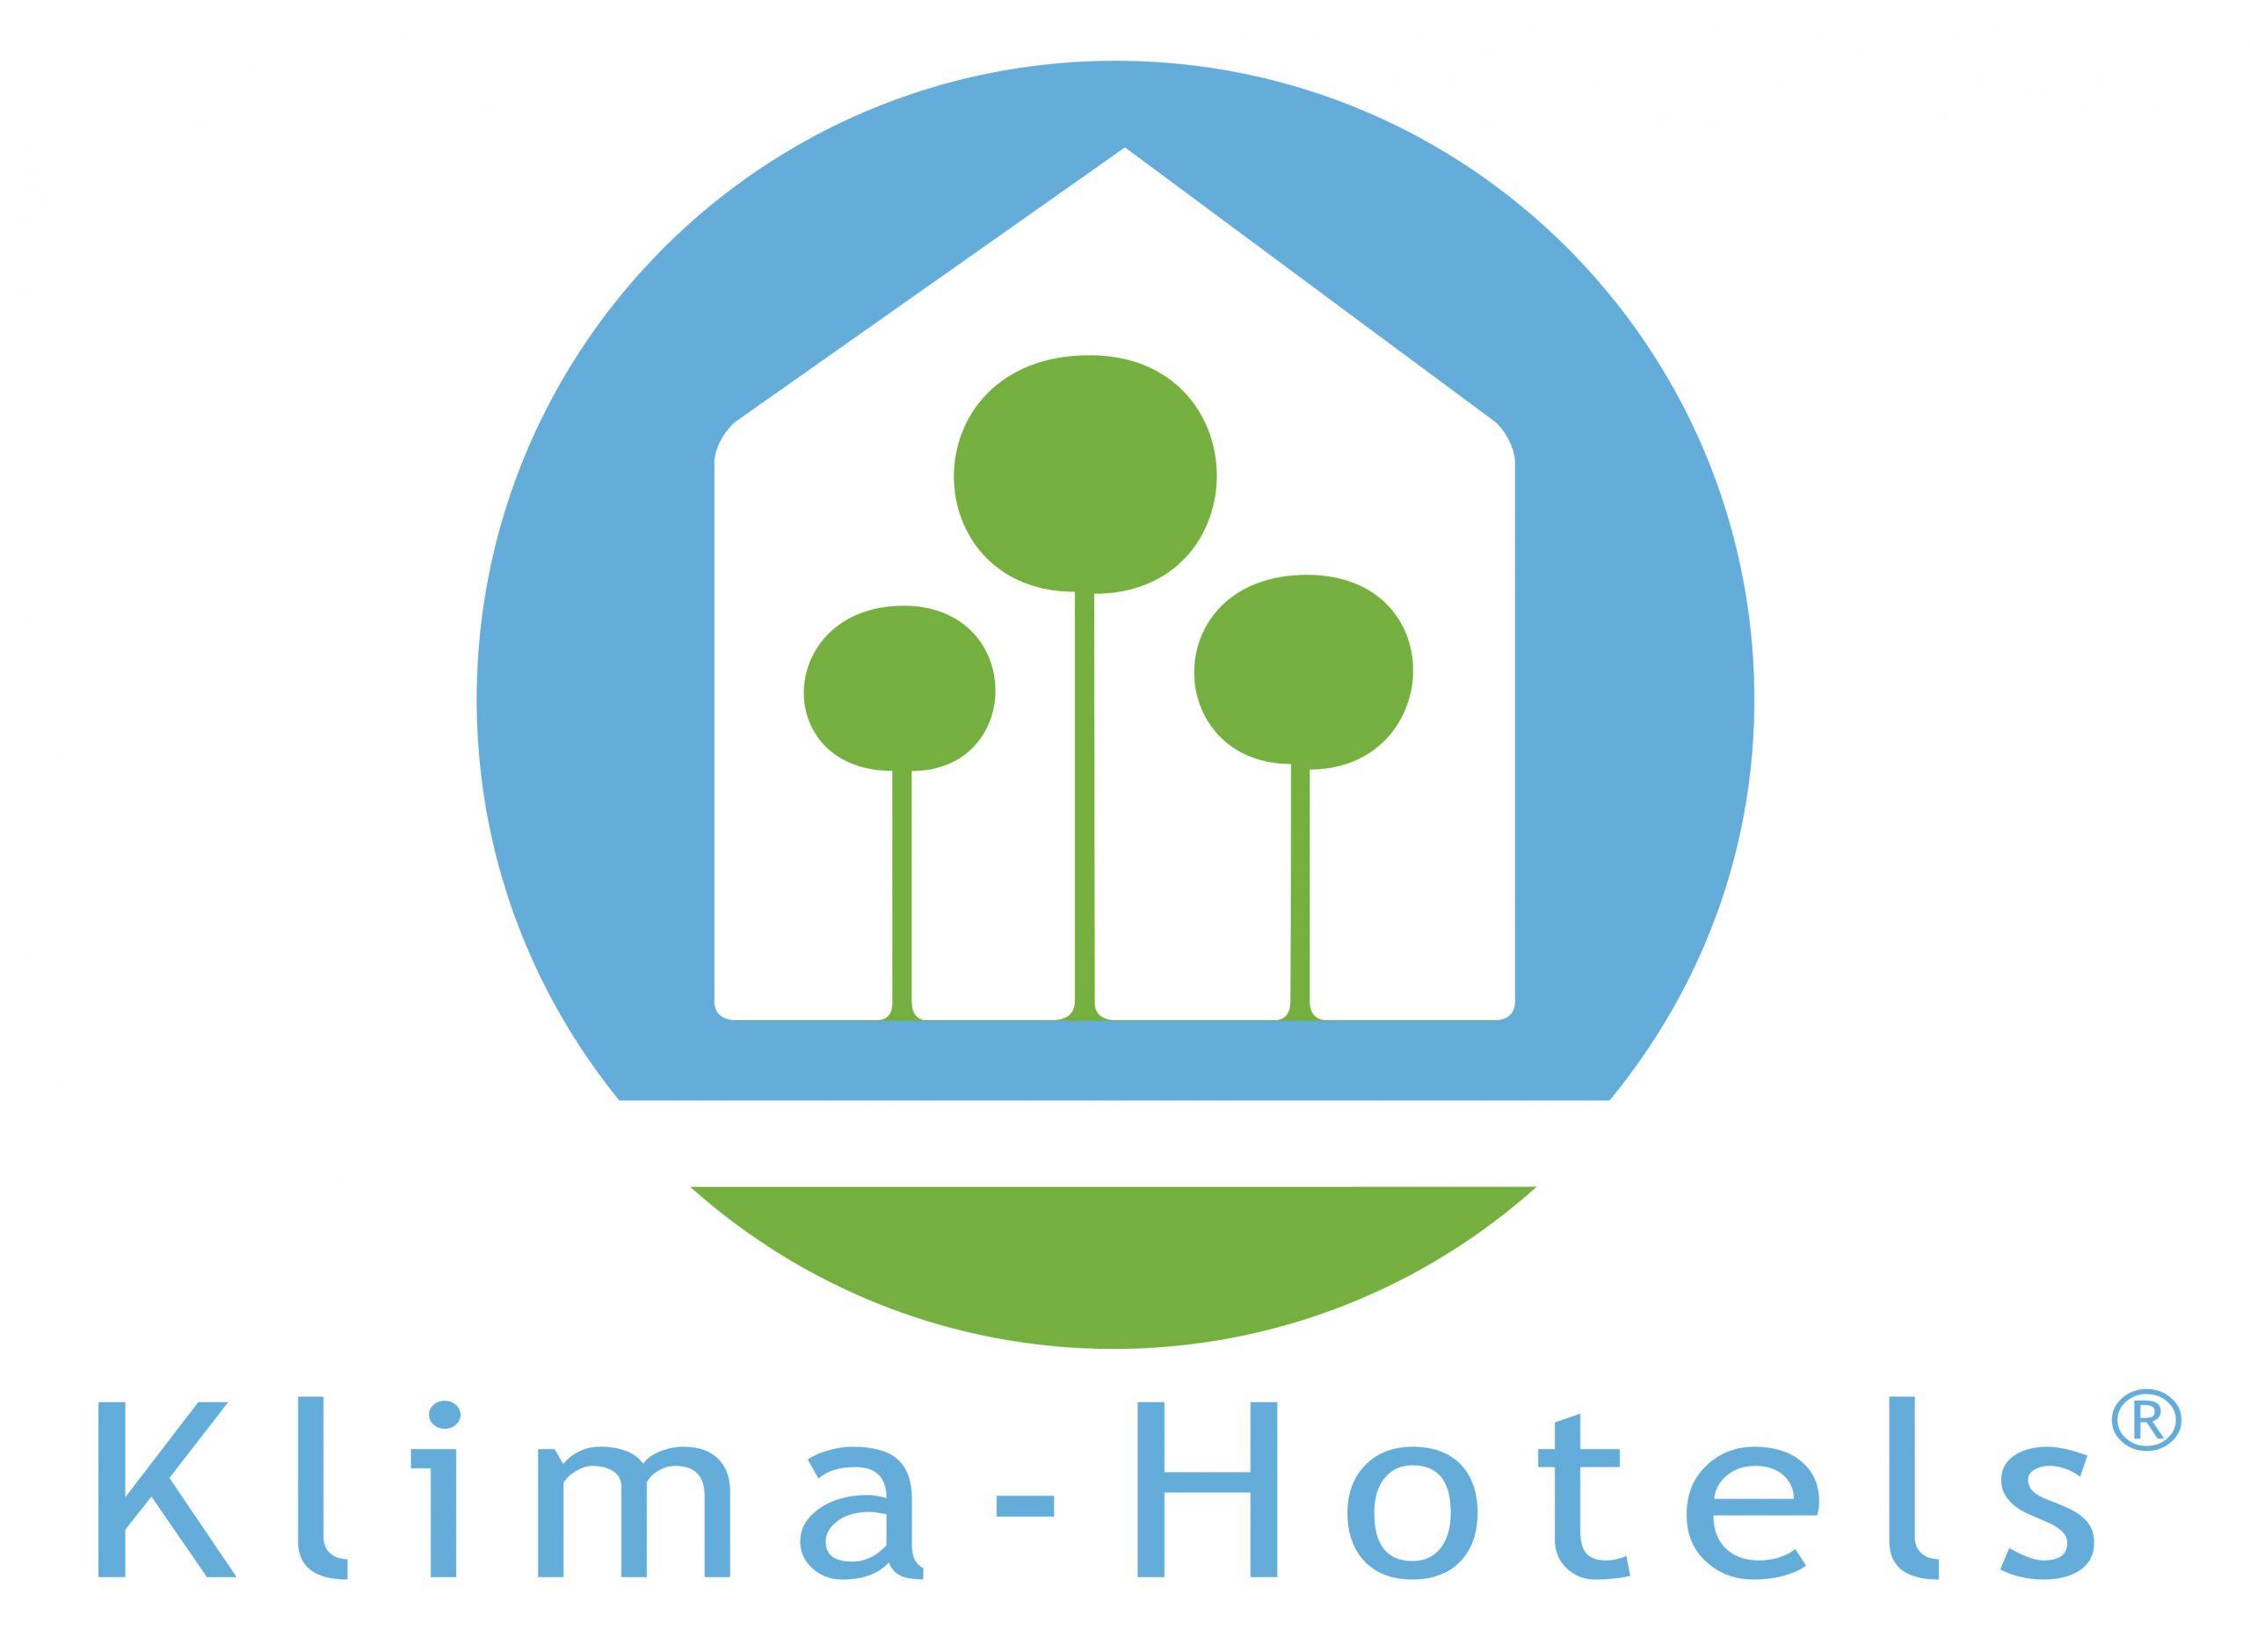 Klima-Hotels